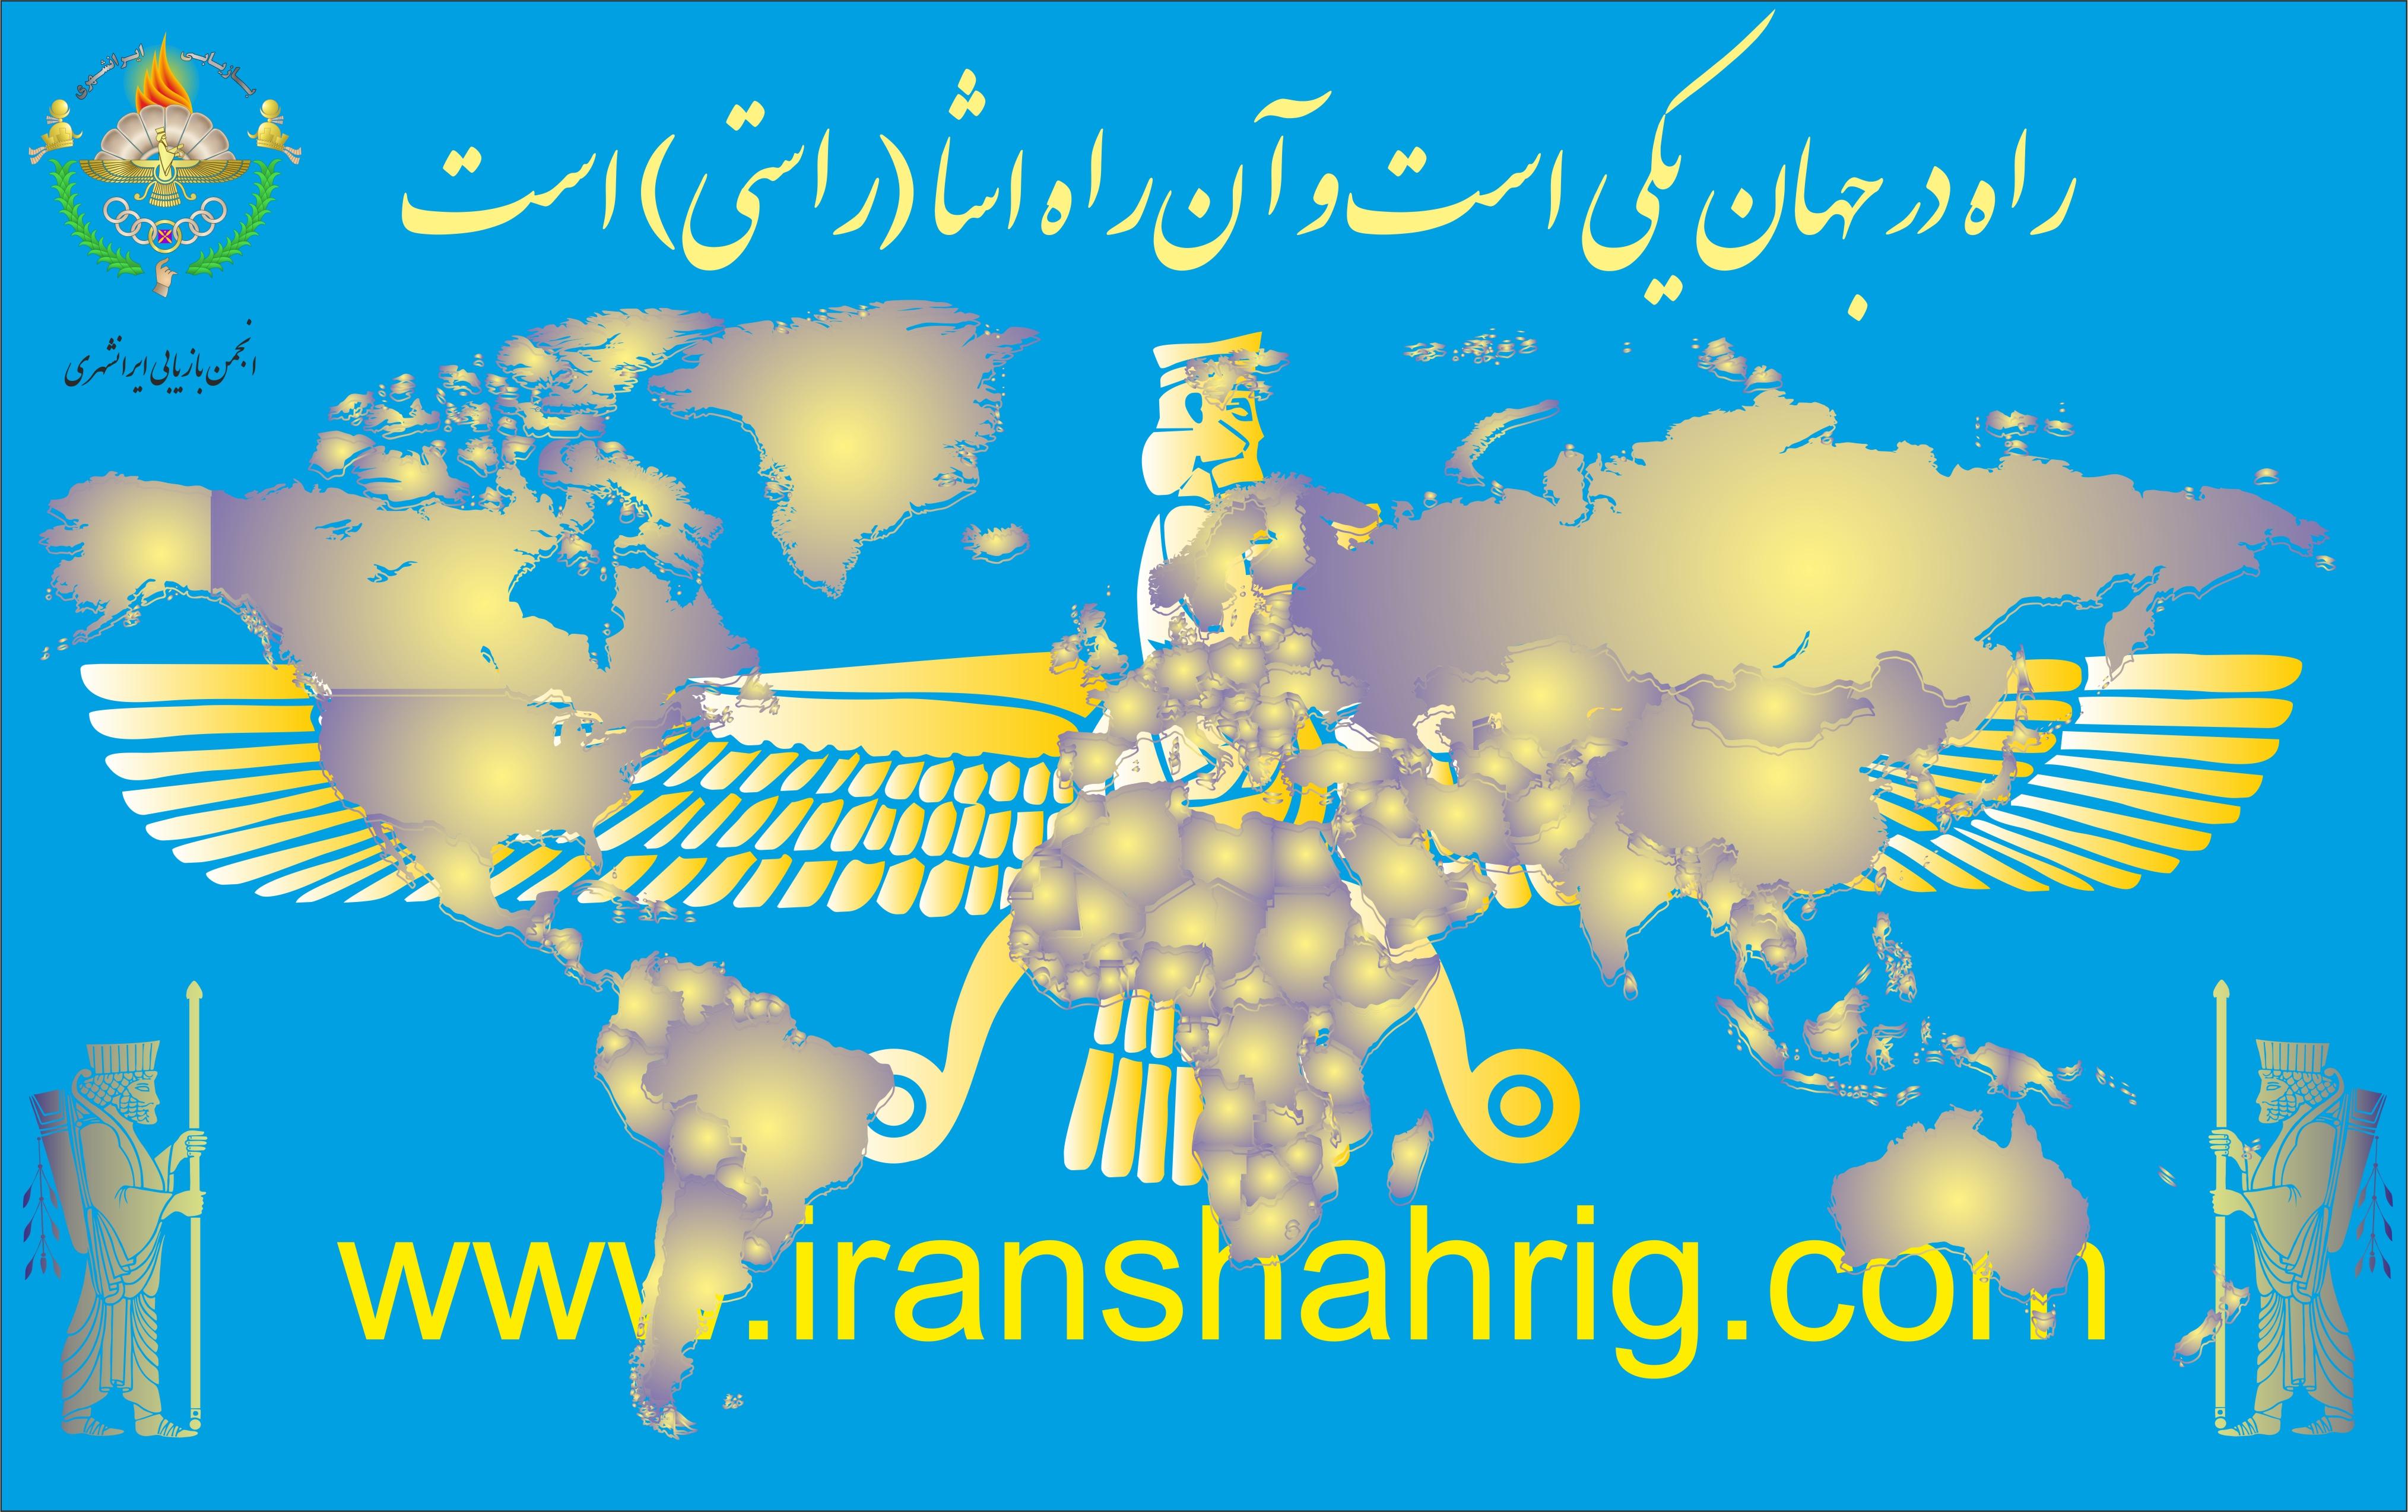 دیوار دفاعی ایرانشهر / نریوسنگ گشتاسپ